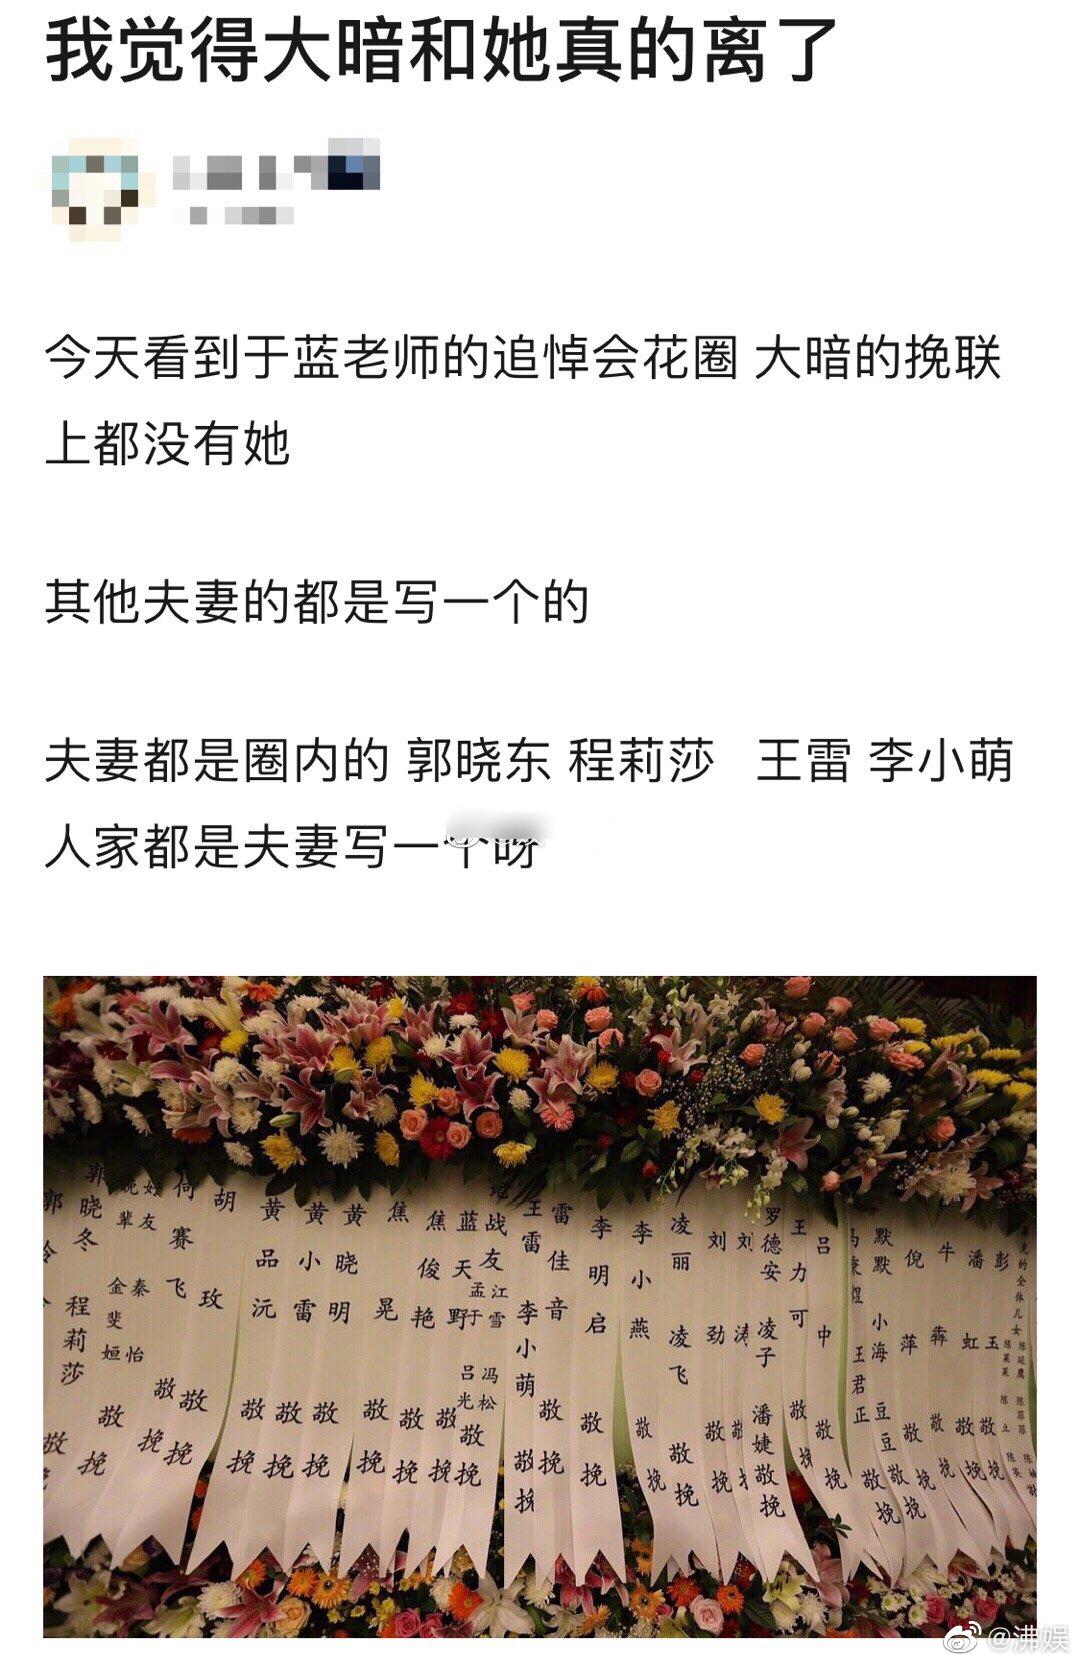 黄晓明和Angelababy离婚实锤来了?于蓝老师追悼会送花圈